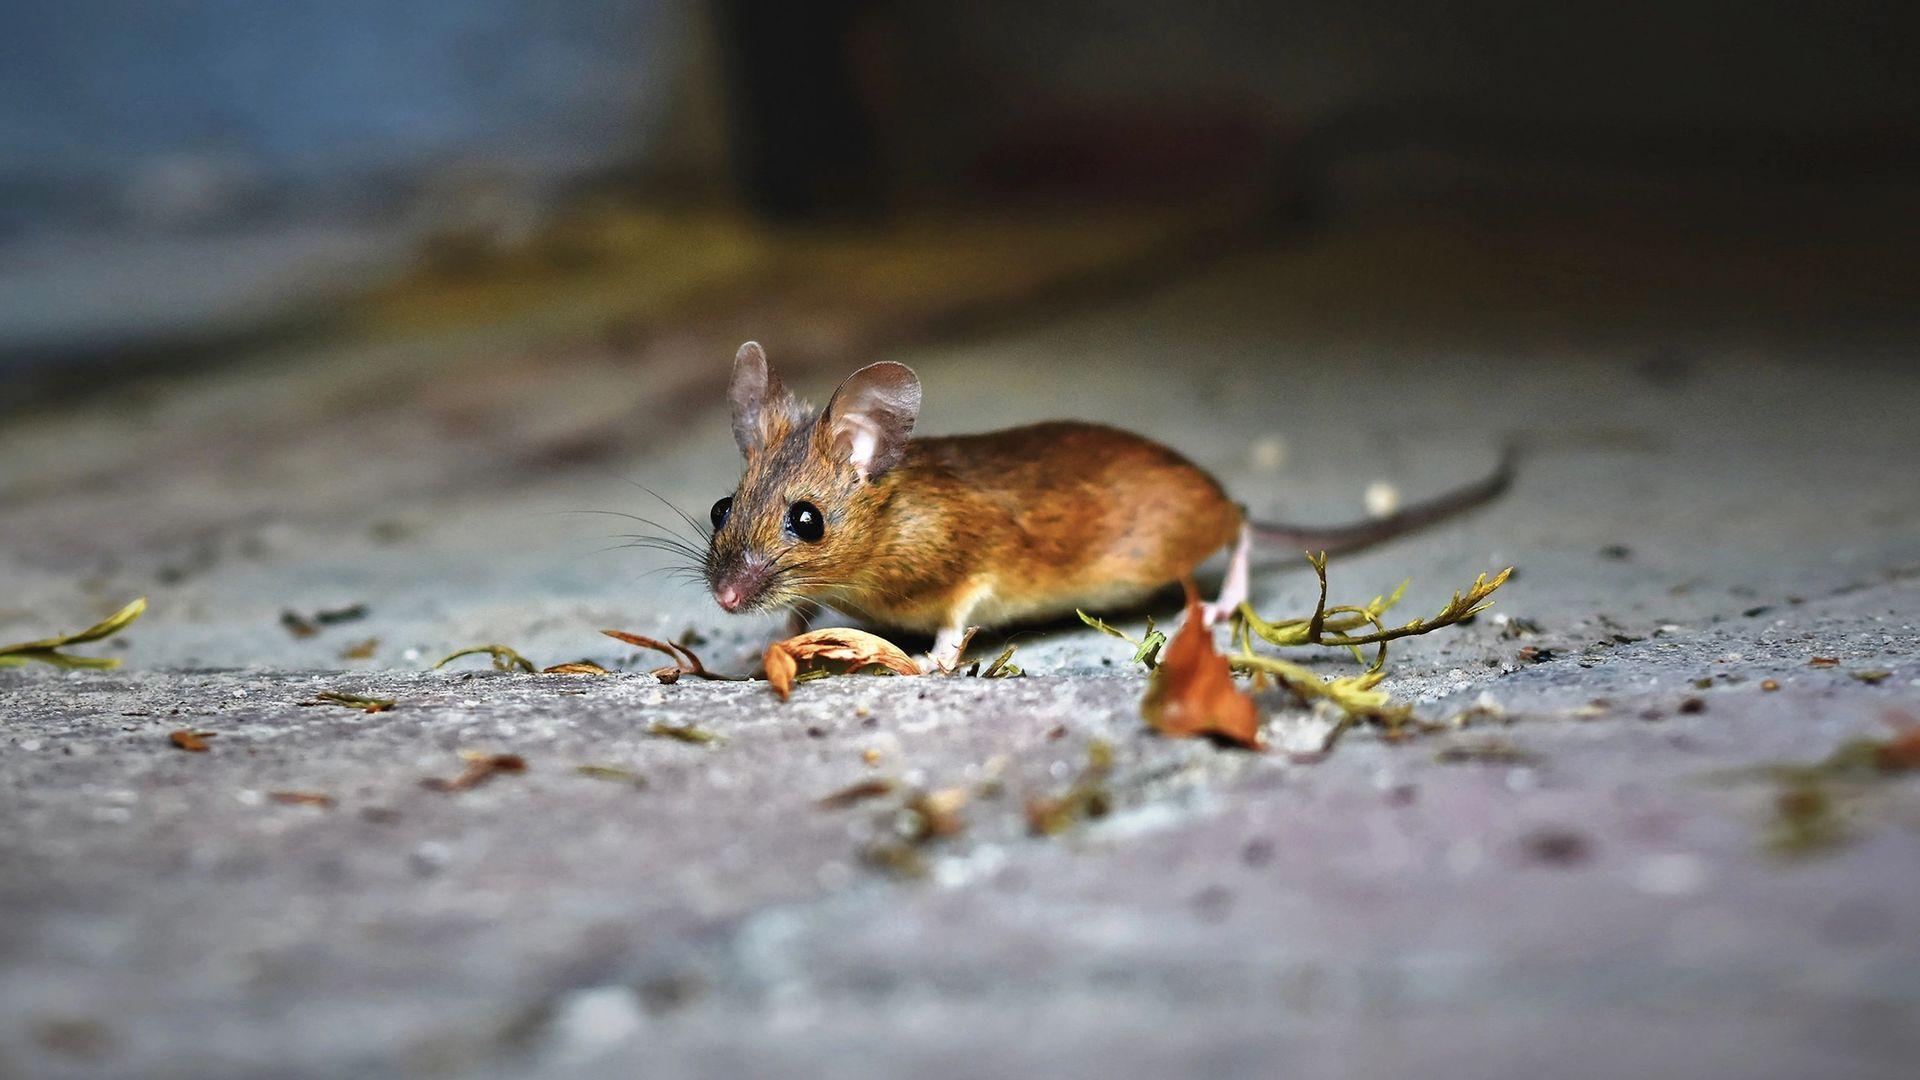 Mäuse erkennen